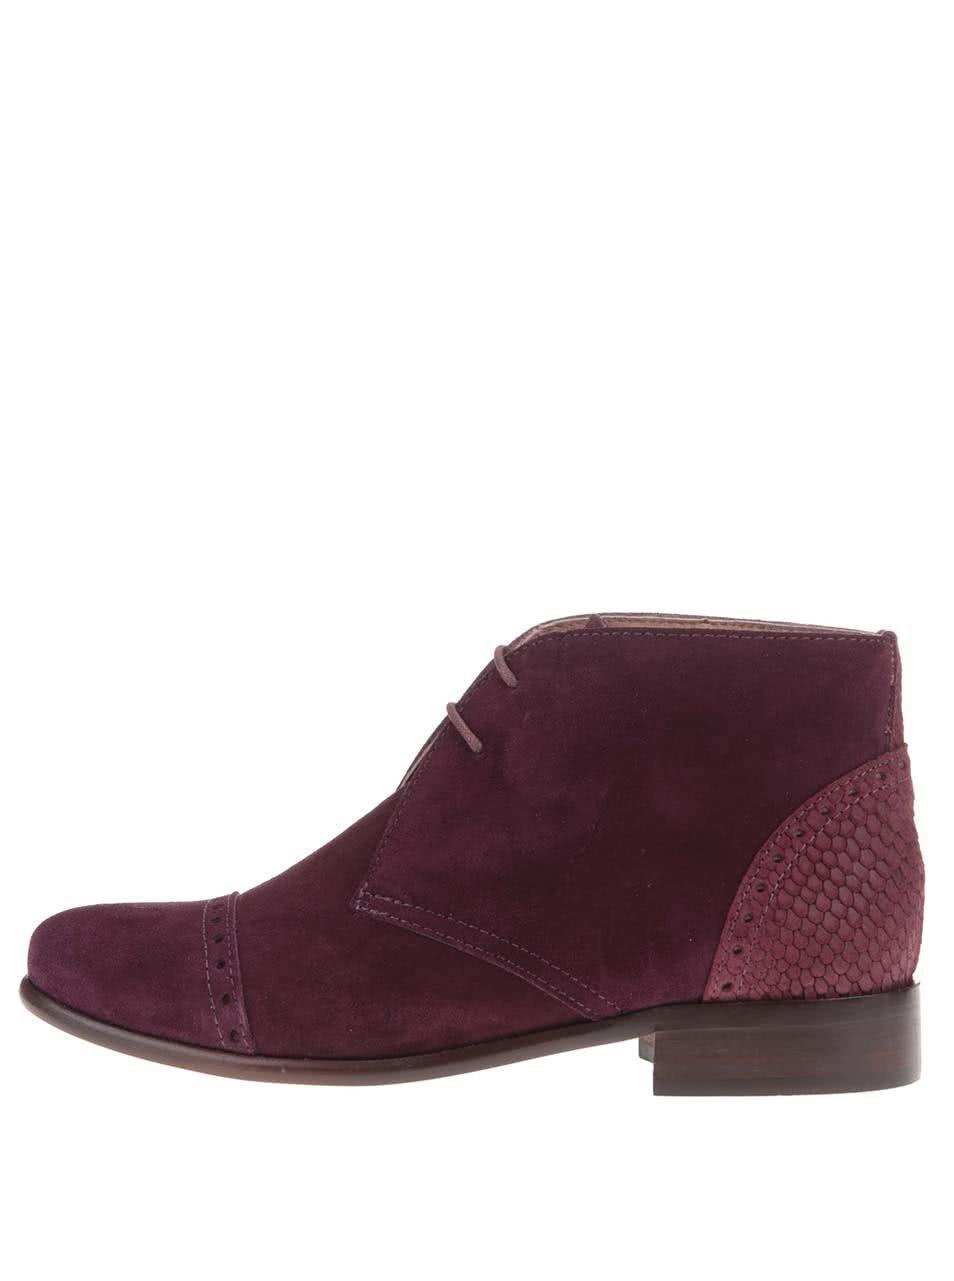 9bdf7454e7 Vínové kožené členkové topánky s výraznými detailmi OJJU ...